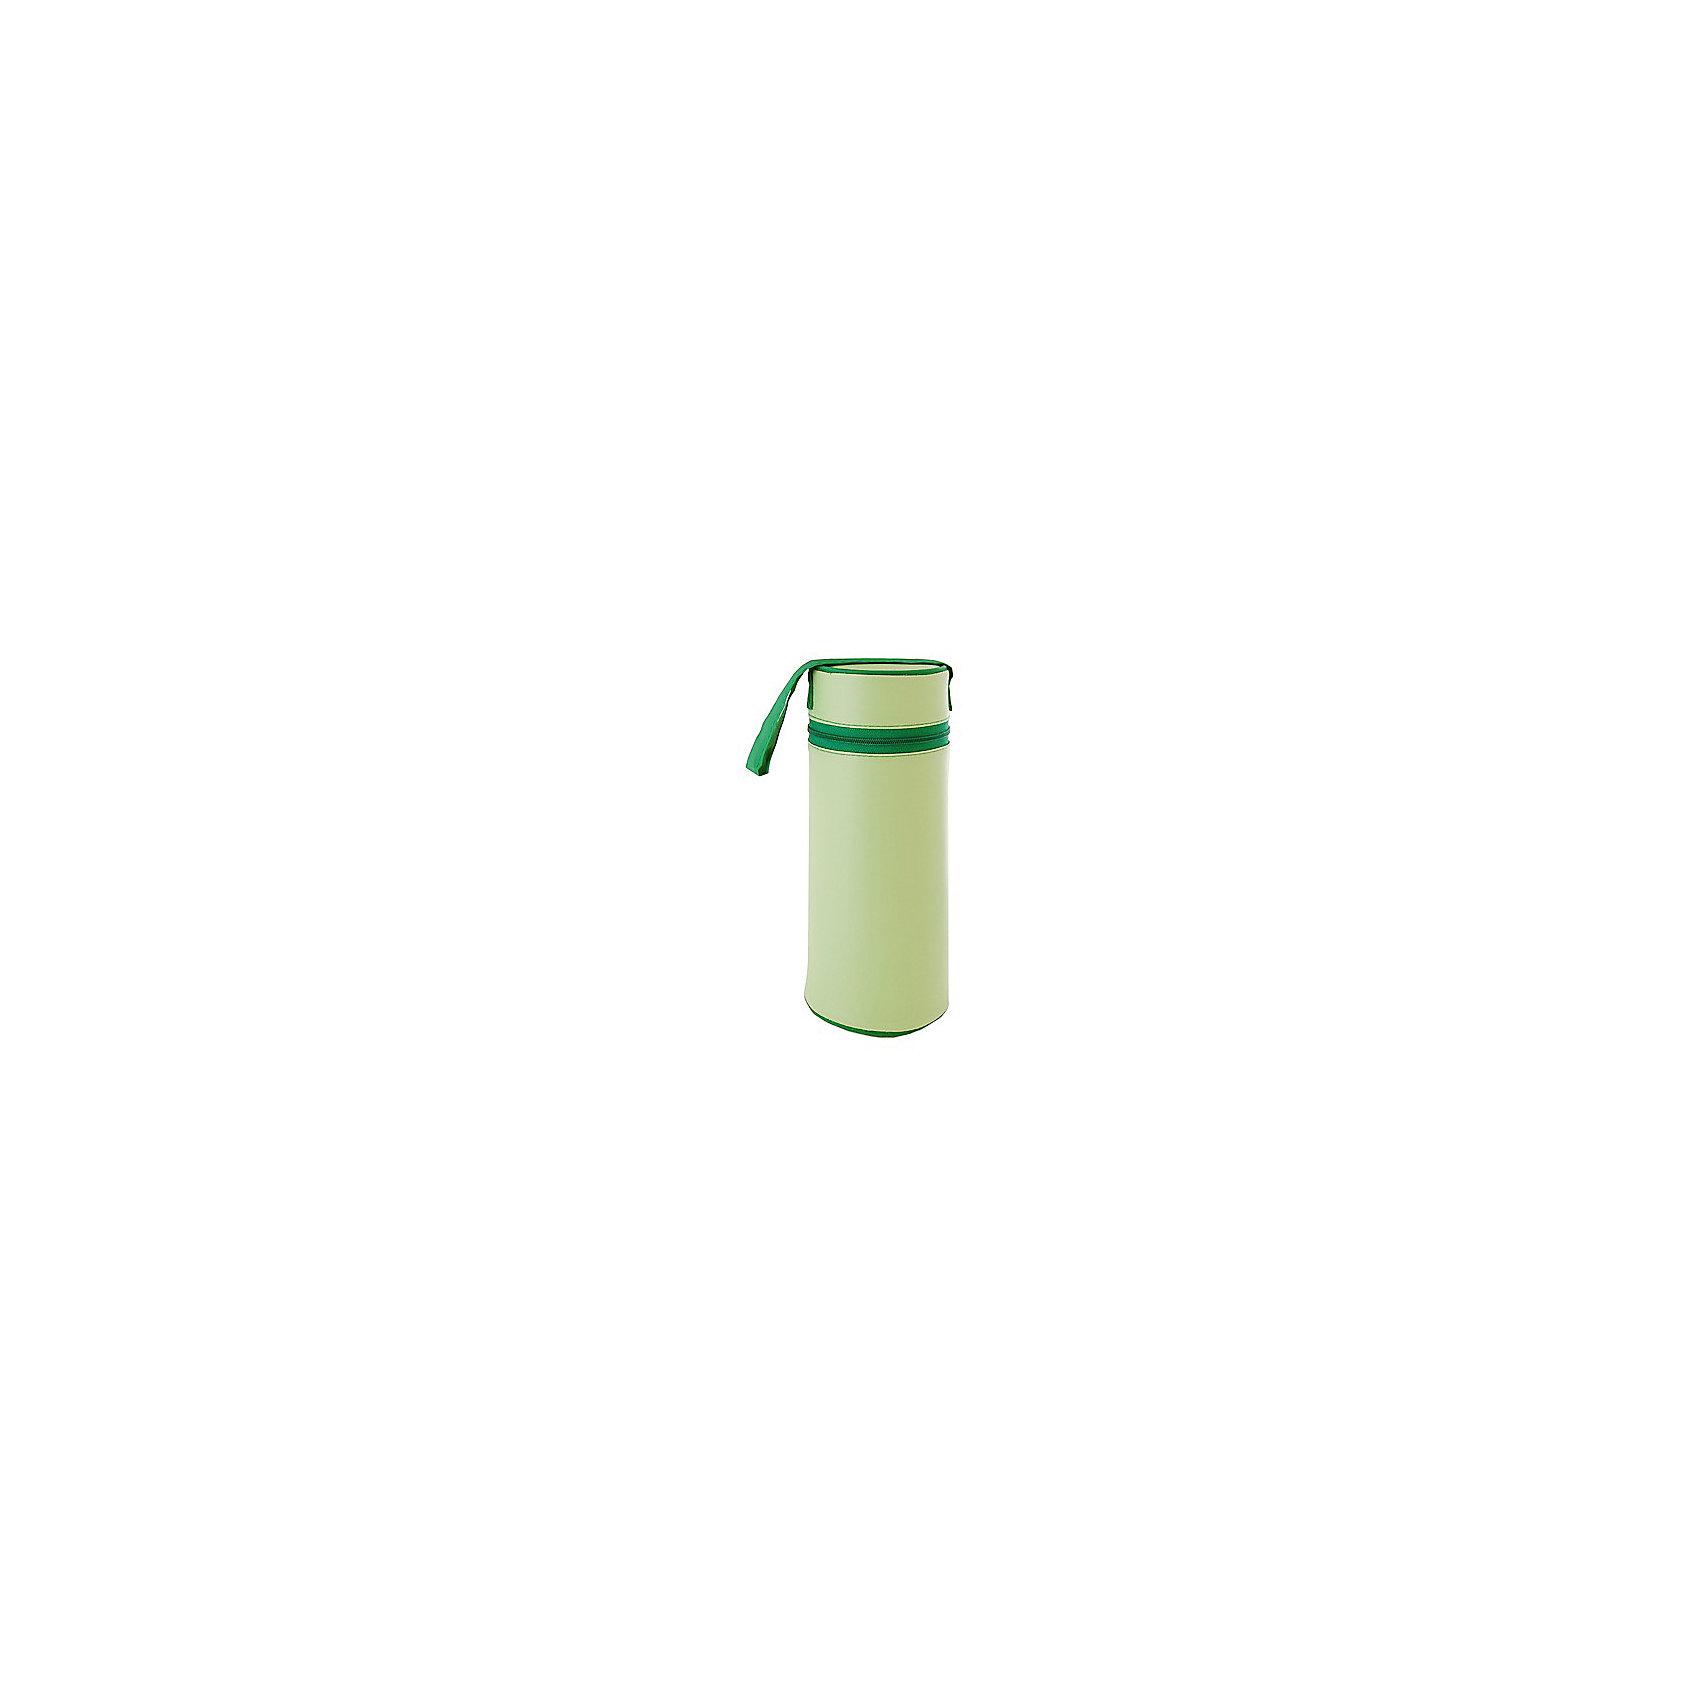 Контейнер для стандартной бутылочки, Kurnosiki, зеленыйХарактеристики:<br><br>• Наименование: контейнер для бутылочки<br>• Материал: ПВХ, полиуретан<br>• Пол: универсальный<br>• Цвет: зеленый<br>• Универсальный размер: вмещают бутылочки объемом до 250 мл<br>• Предусмотрена ручка для подвешивания<br>• Застежка-молния<br>• Вес: 200 г<br>• Параметры (Д*Ш*В): 15*10*20 см <br>• Упаковка: пакет<br>• Особенности ухода: влажная и сухая чистка<br><br>Контейнер для стандартной бутылочки, Kurnosiki, зеленый в виде термоса выполнен из сочетания ПВХ и полиуретена, которые обеспечивают сохранение температуры детского питания в бутылочке. У изделия предусмотрена крышка на застежке-молнии, которая усиливает герметичность. <br><br>Футляр имеет легкий вес и компактный размер, нго удобно брать с собой в поездки и на прогулки. Для удобства использования предусмотрена ручка, за которую футляр можно подвешивать к коляске или сумочке.<br><br>Контейнер для стандартной бутылочки, Kurnosiki, зеленый можно купить в нашем интернет-магазине.<br><br>Ширина мм: 90<br>Глубина мм: 120<br>Высота мм: 310<br>Вес г: 83<br>Возраст от месяцев: 0<br>Возраст до месяцев: 18<br>Пол: Унисекс<br>Возраст: Детский<br>SKU: 5428677